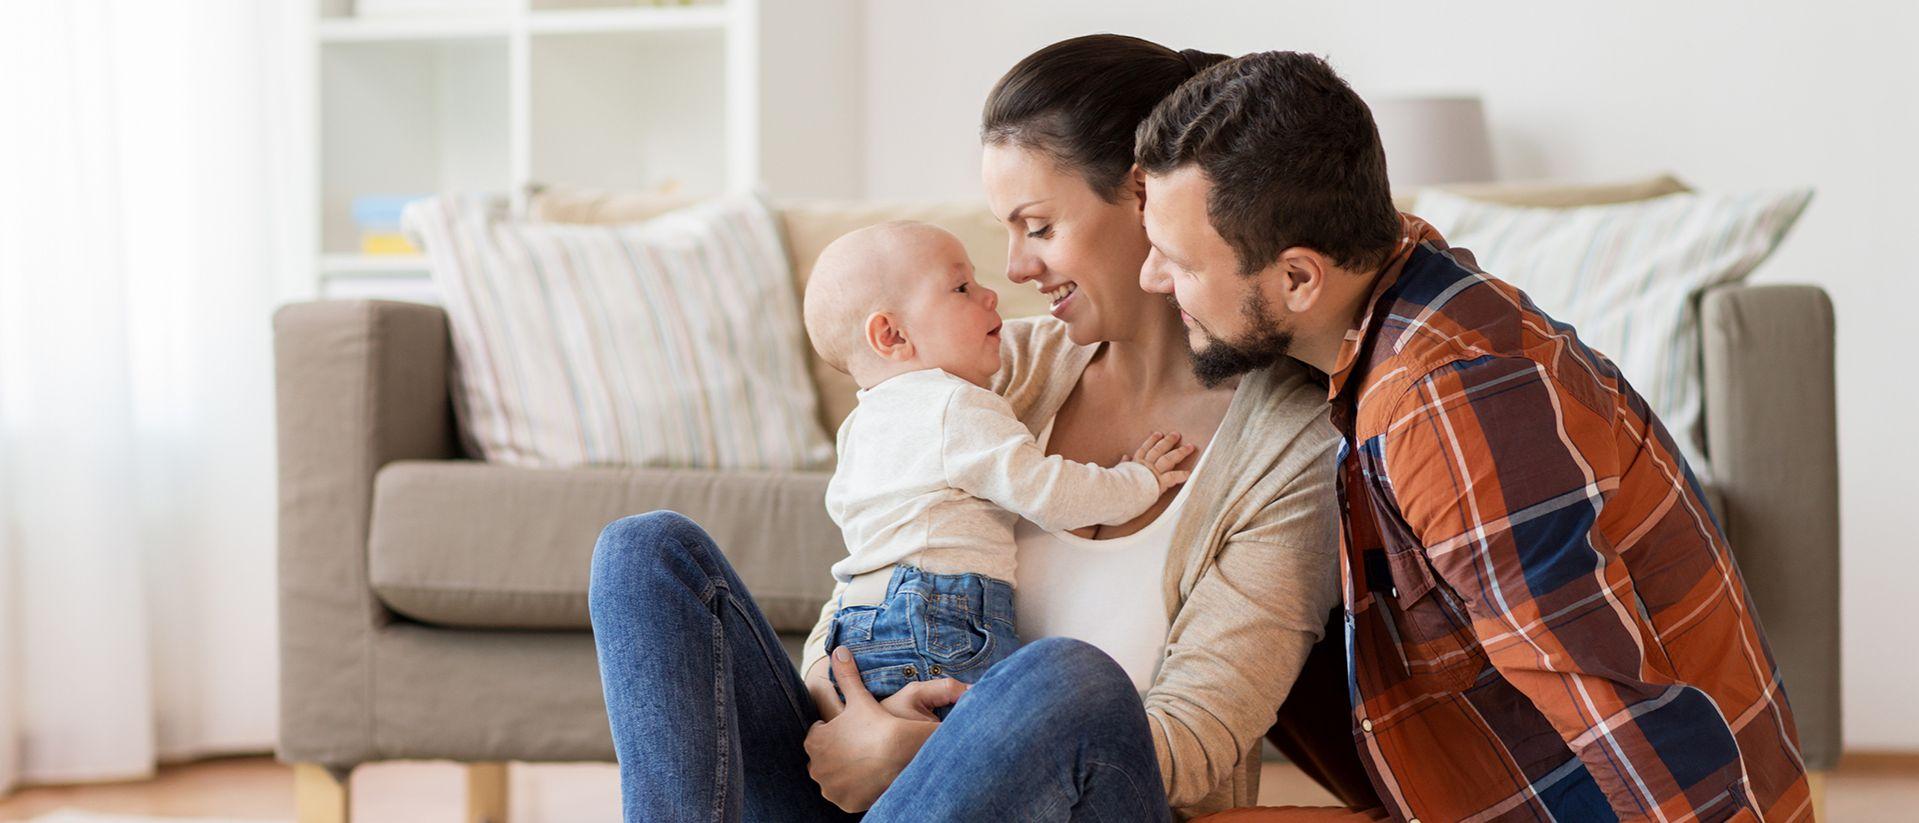 Confermato il legame tra muffa in casa e malattie respiratorie